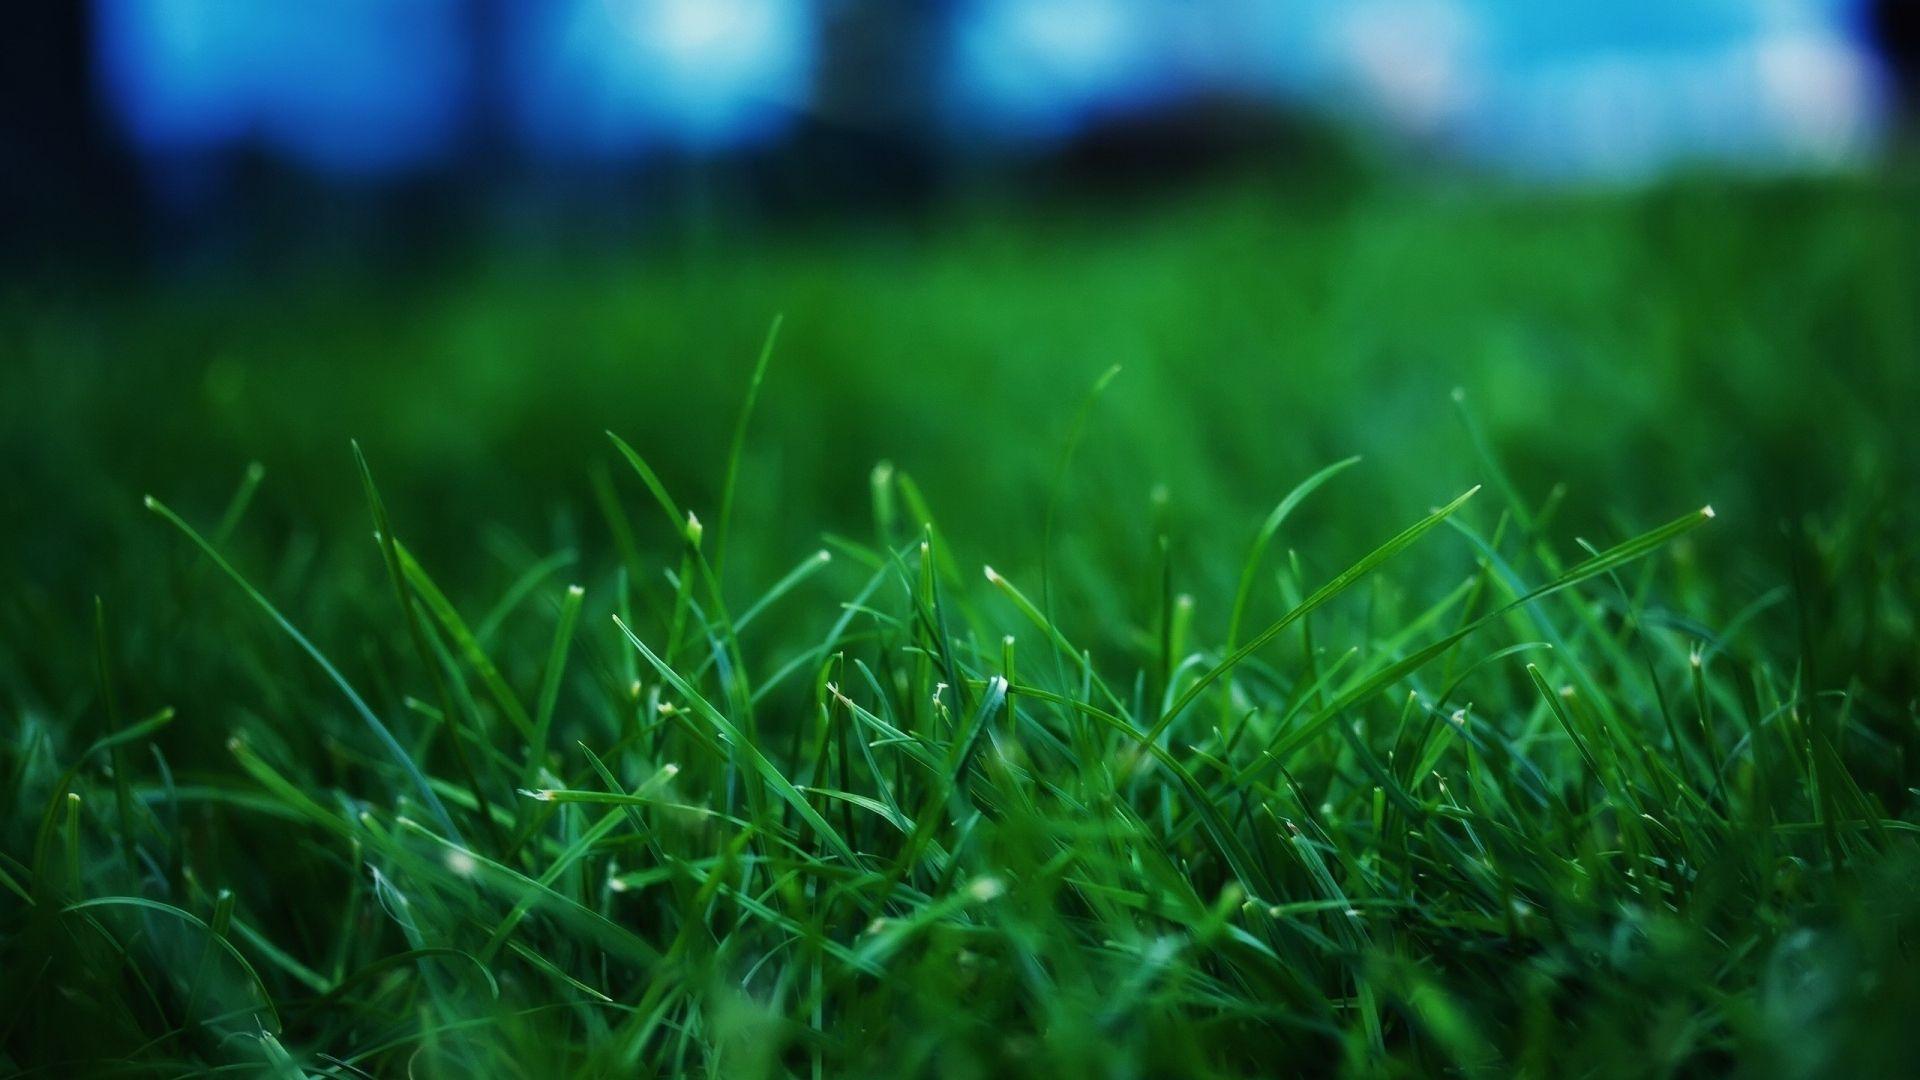 Grass Summer Lawn Http Www Wallpapers4u Org Grass Summer Lawn Best Nature Wallpapers Grass Wallpaper Nature Wallpaper